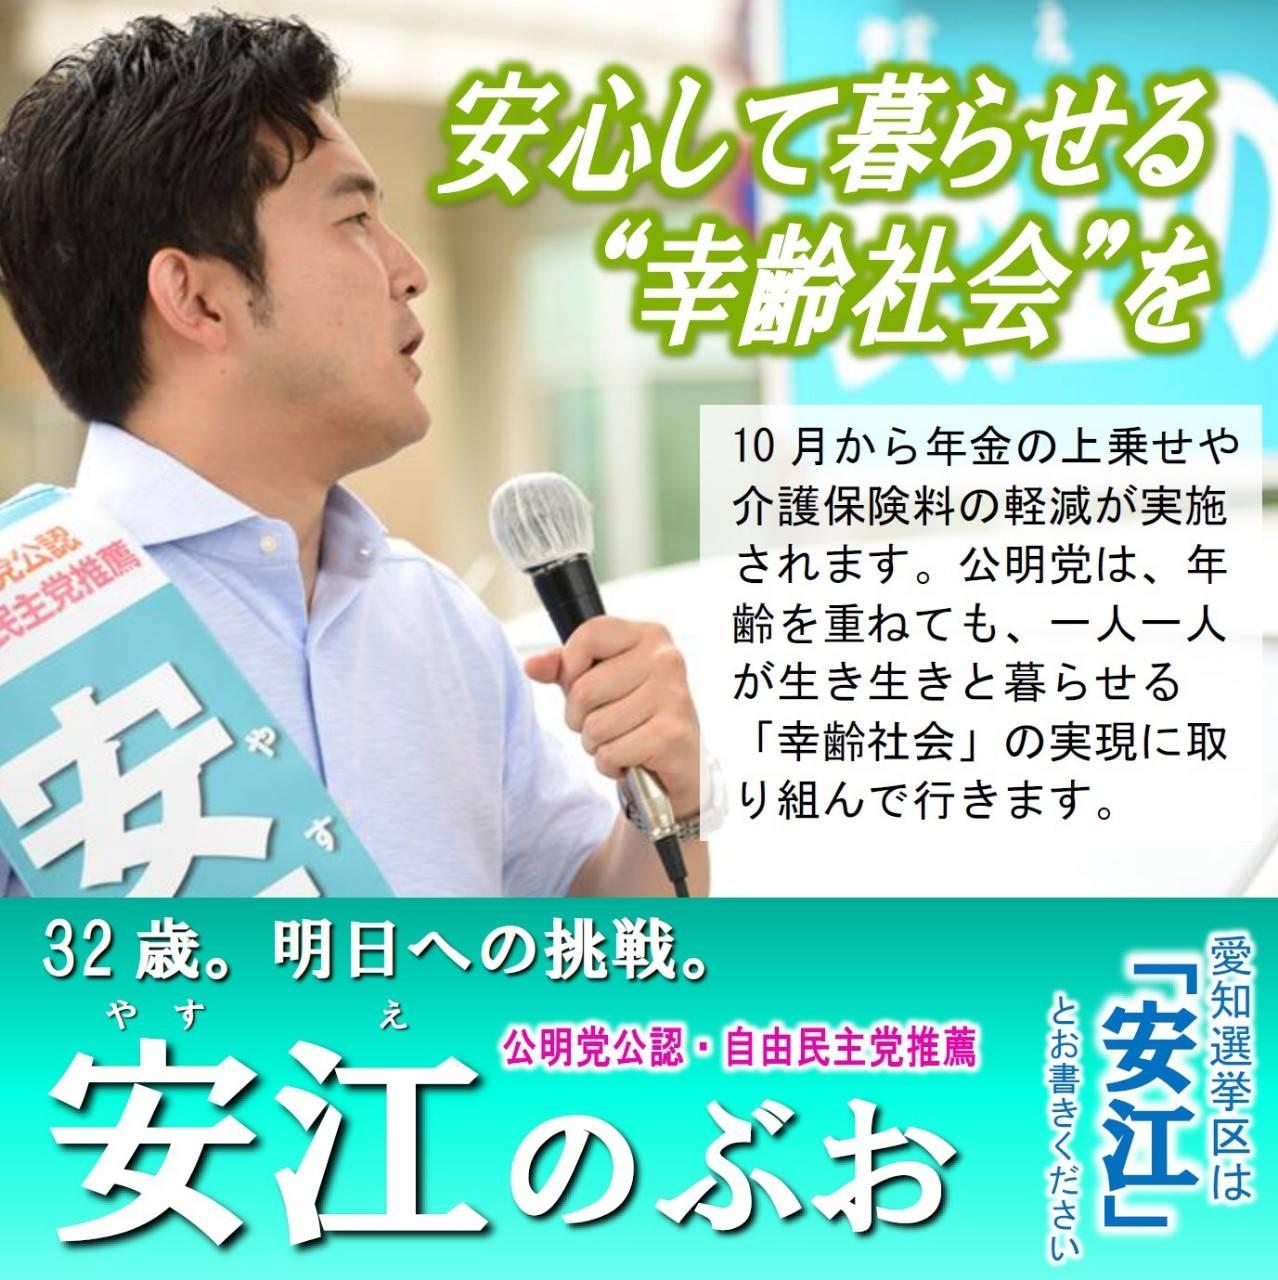 安心して暮らせる幸齢社会を 安江のぶお 2019年参院選 愛知選挙区候補